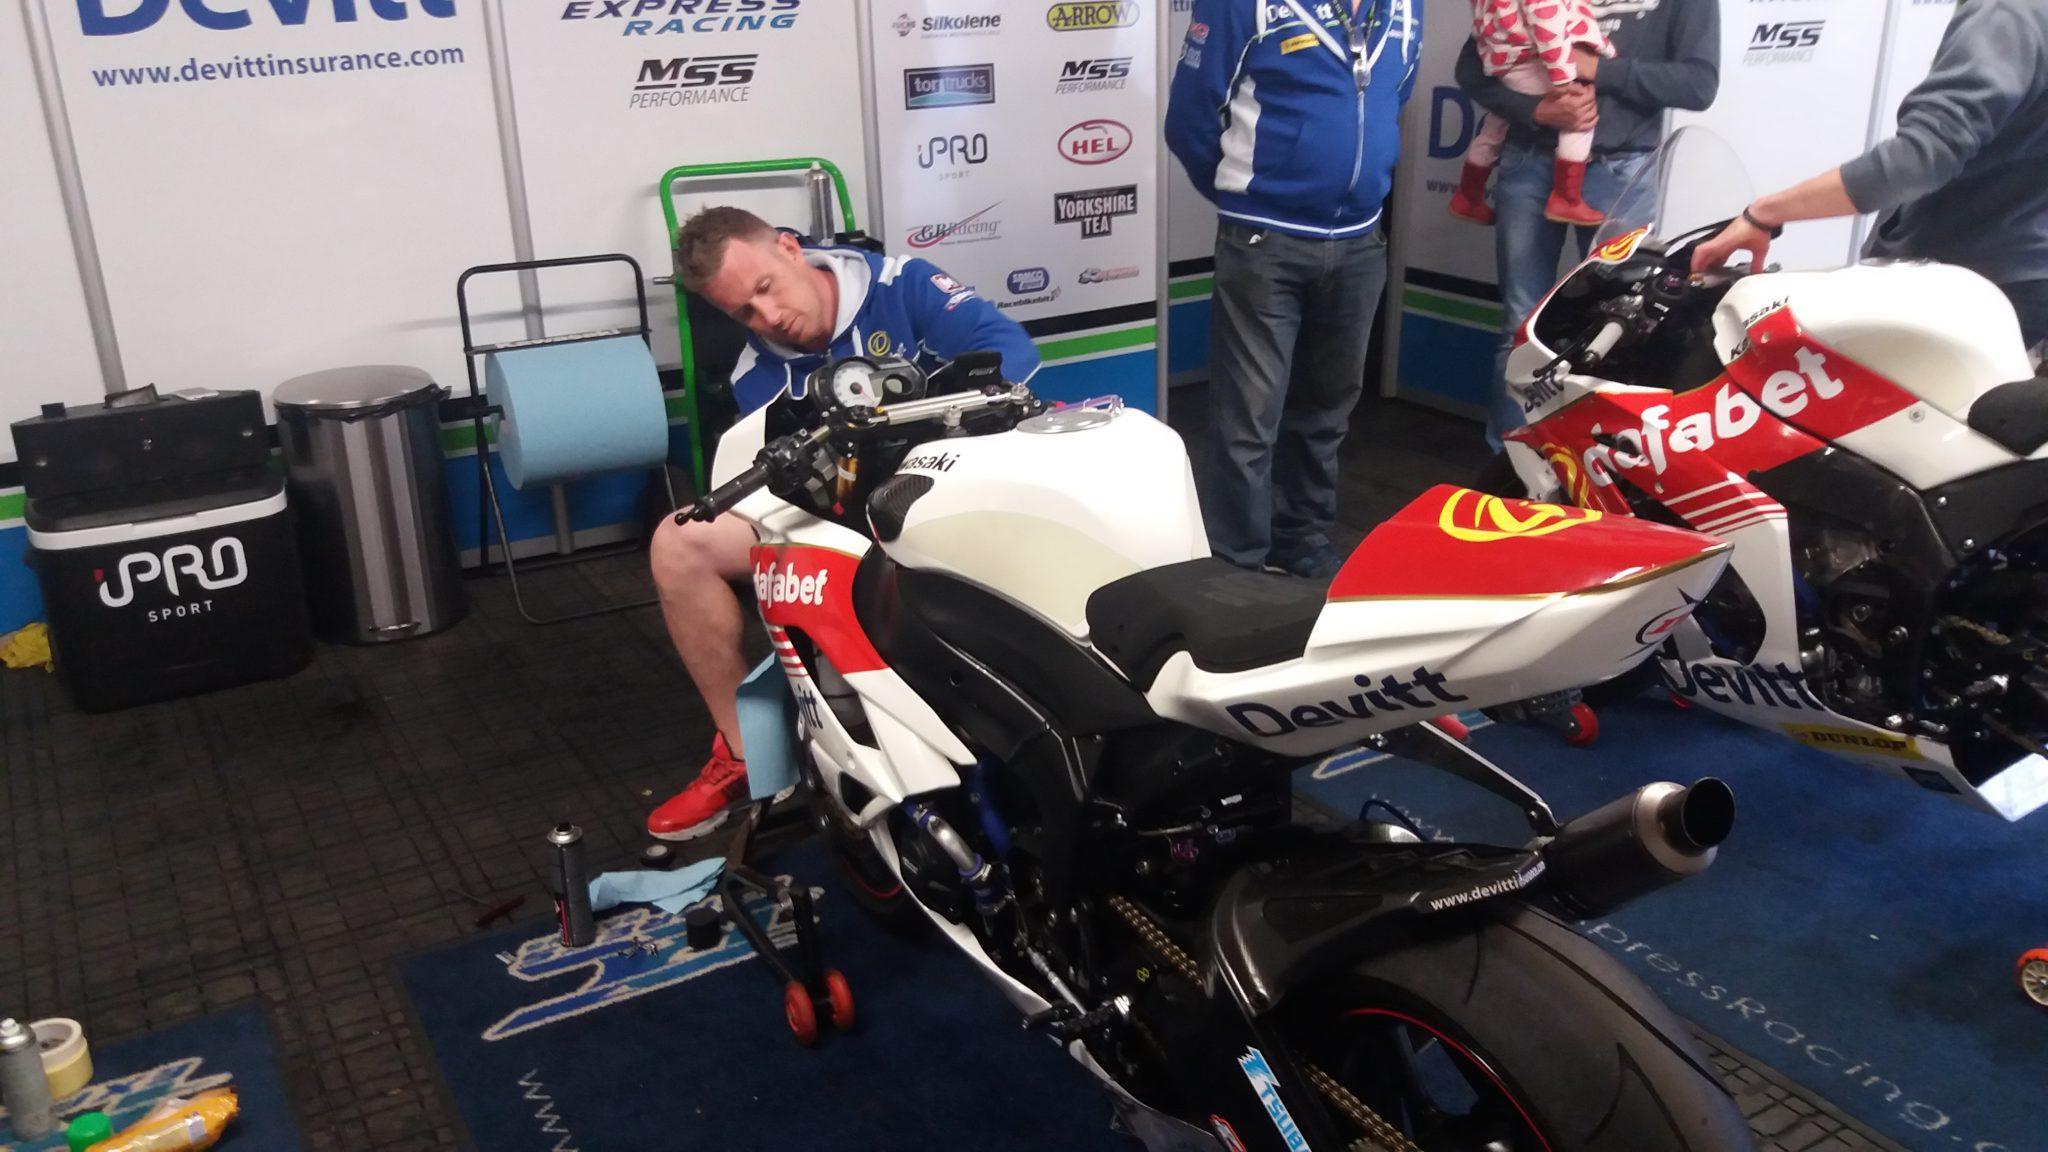 TT image credit Dafabet Devitt Racing